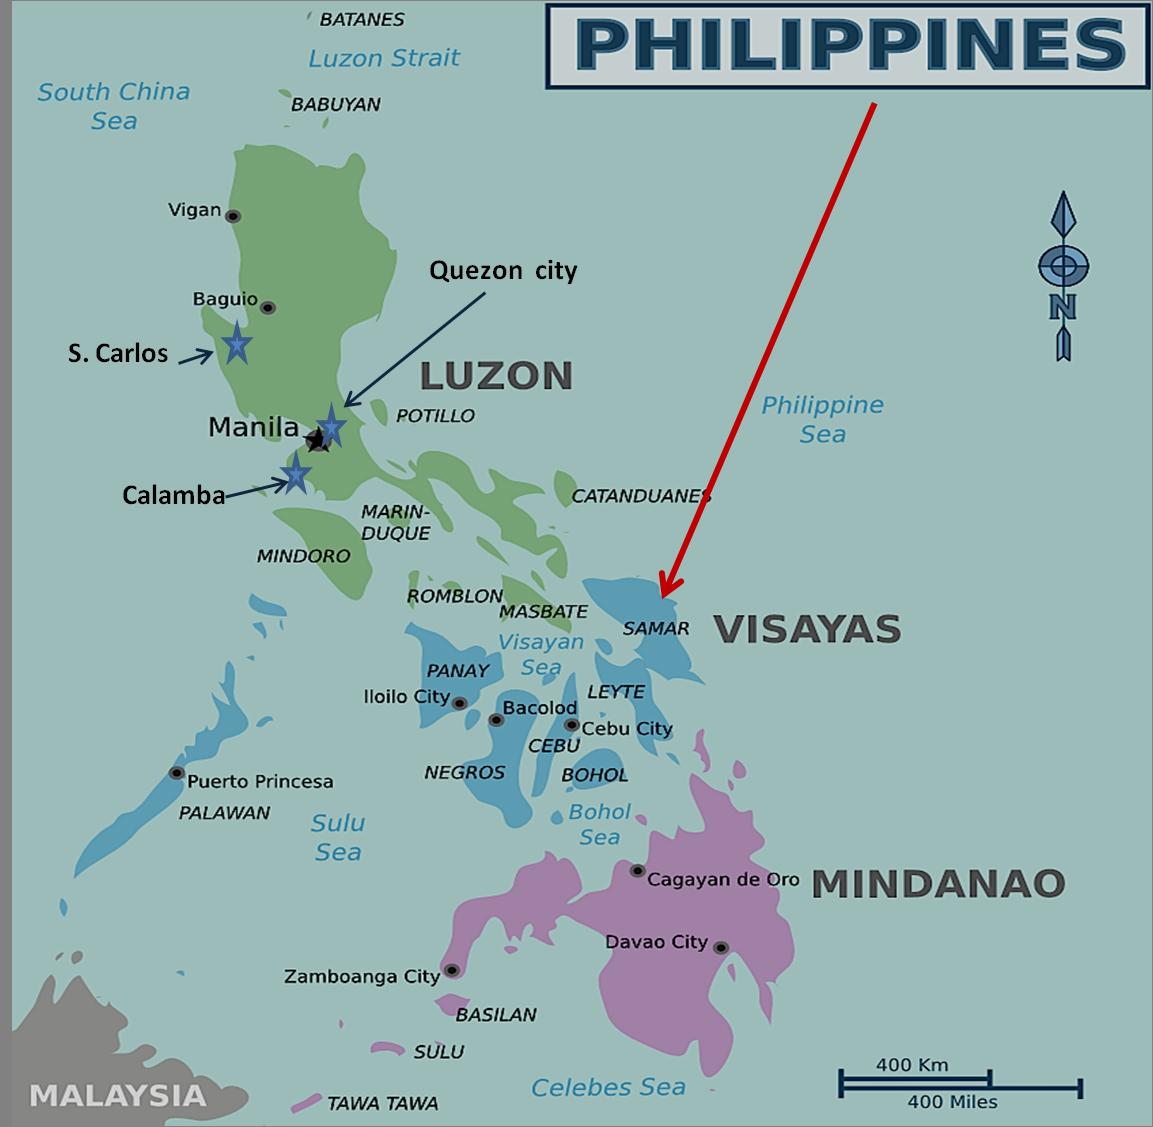 FILIPINAS: EMOTIVA EXPERIENCIA DE MISION